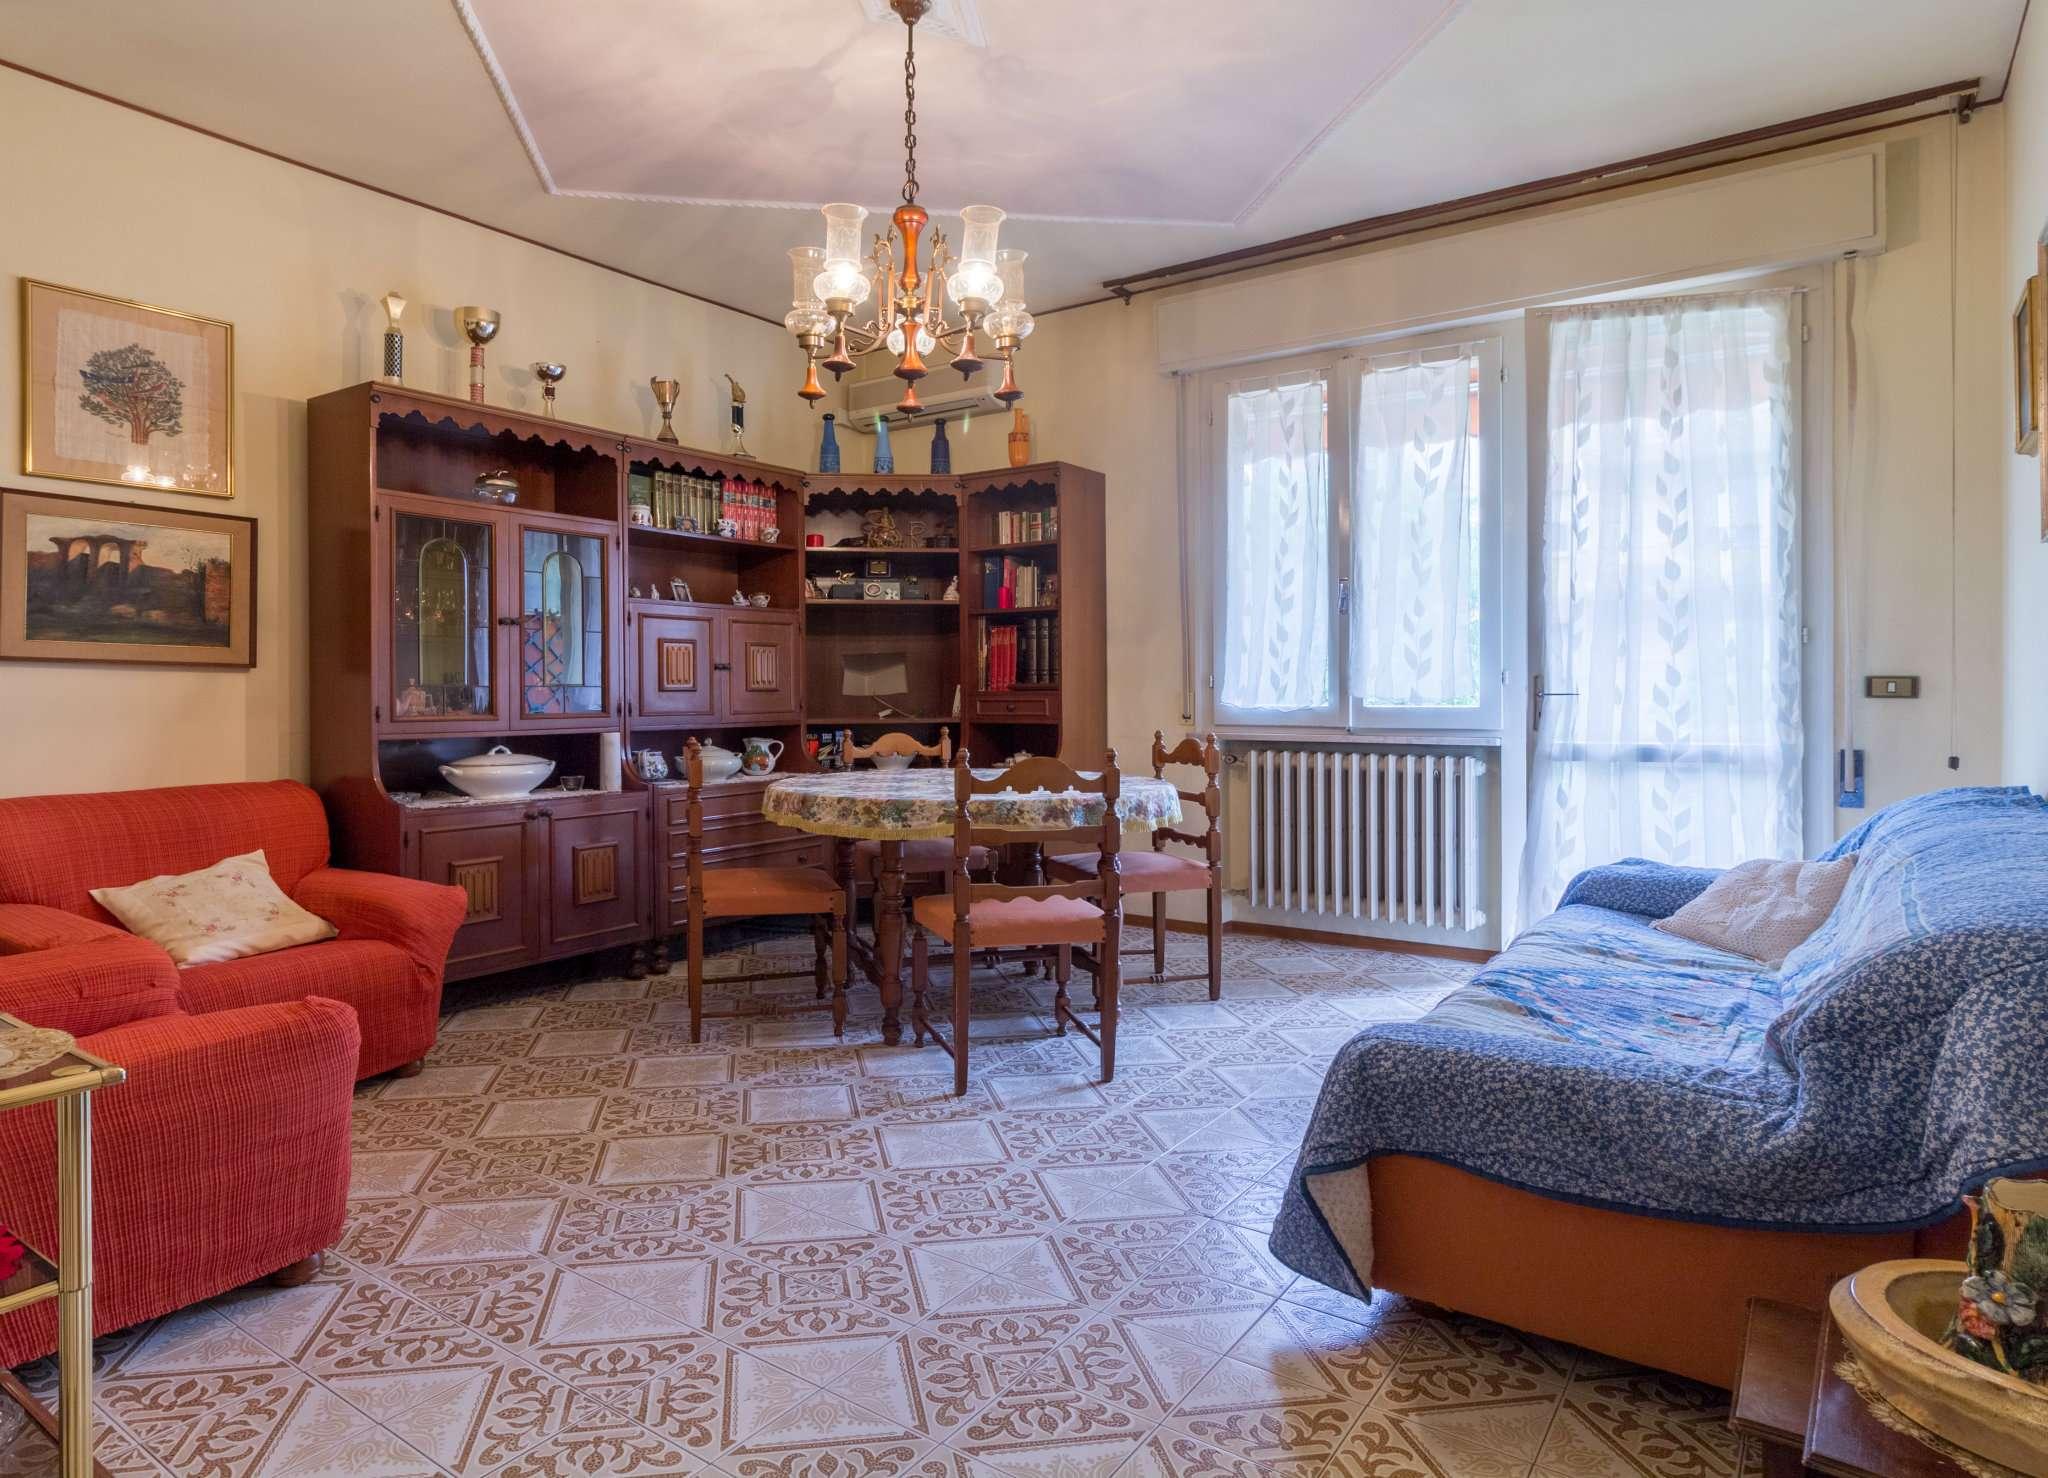 Appartamento in vendita a Cesena, 3 locali, prezzo € 121.000 | CambioCasa.it